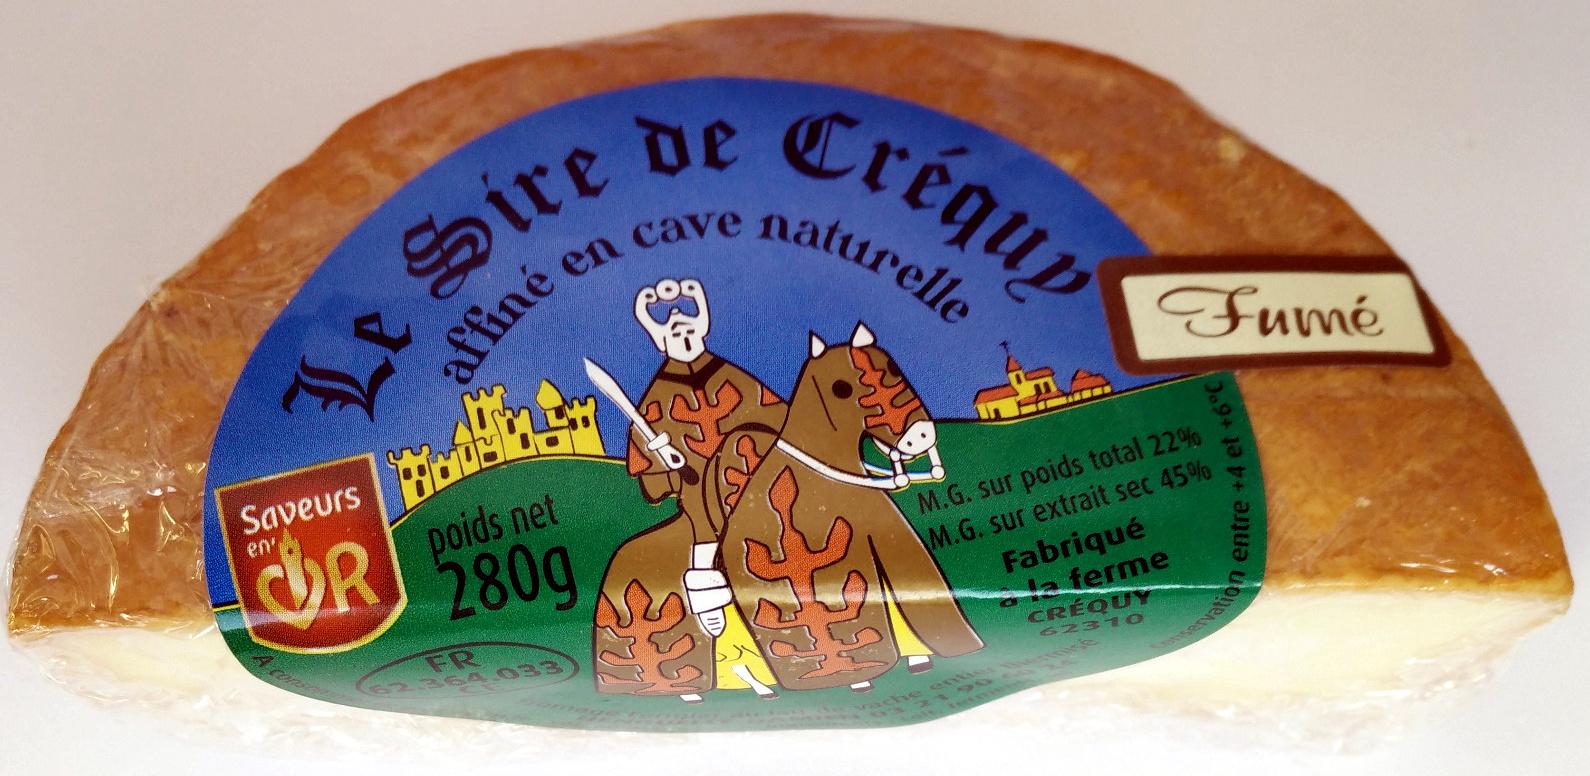 Le Sire de Créquy affiné en cave naturelle Fumé (22% MG) - Produit - fr